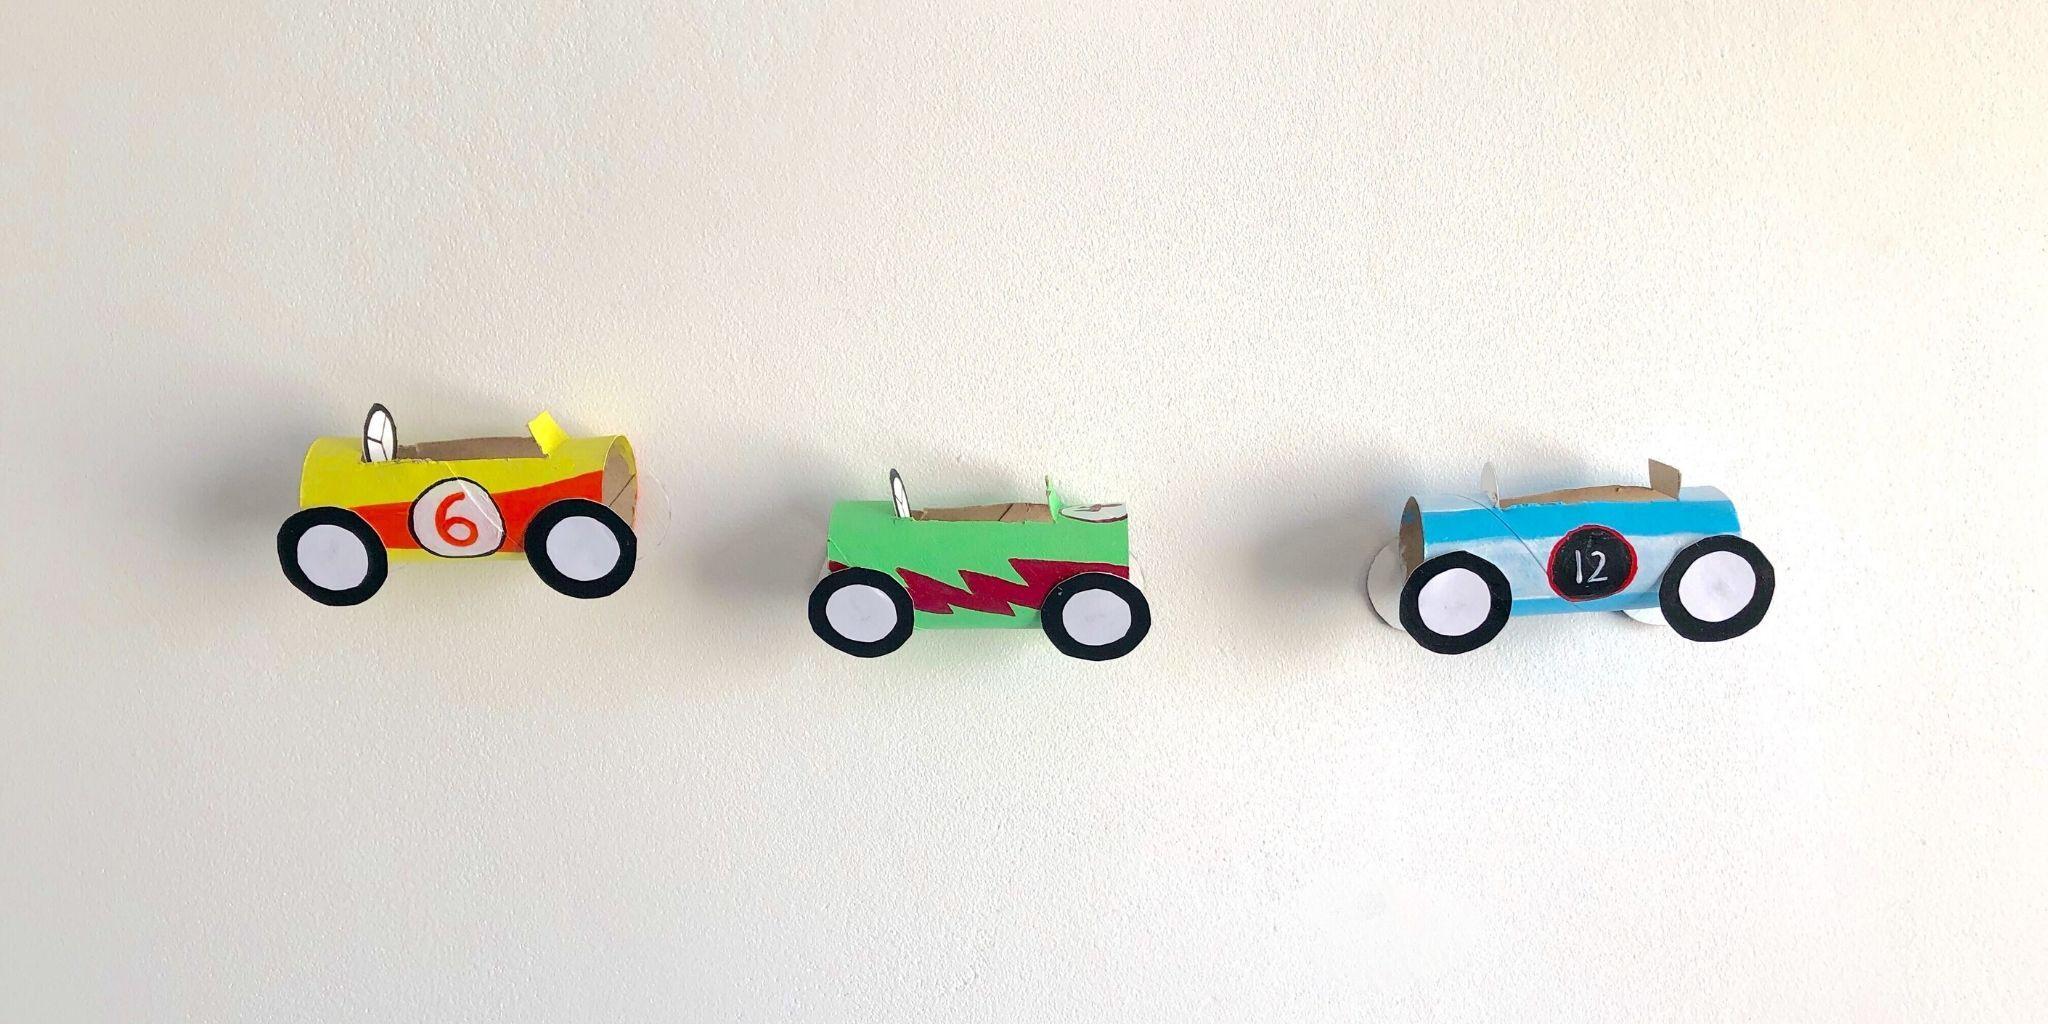 Carros de corrida de rolos de papel higiênico